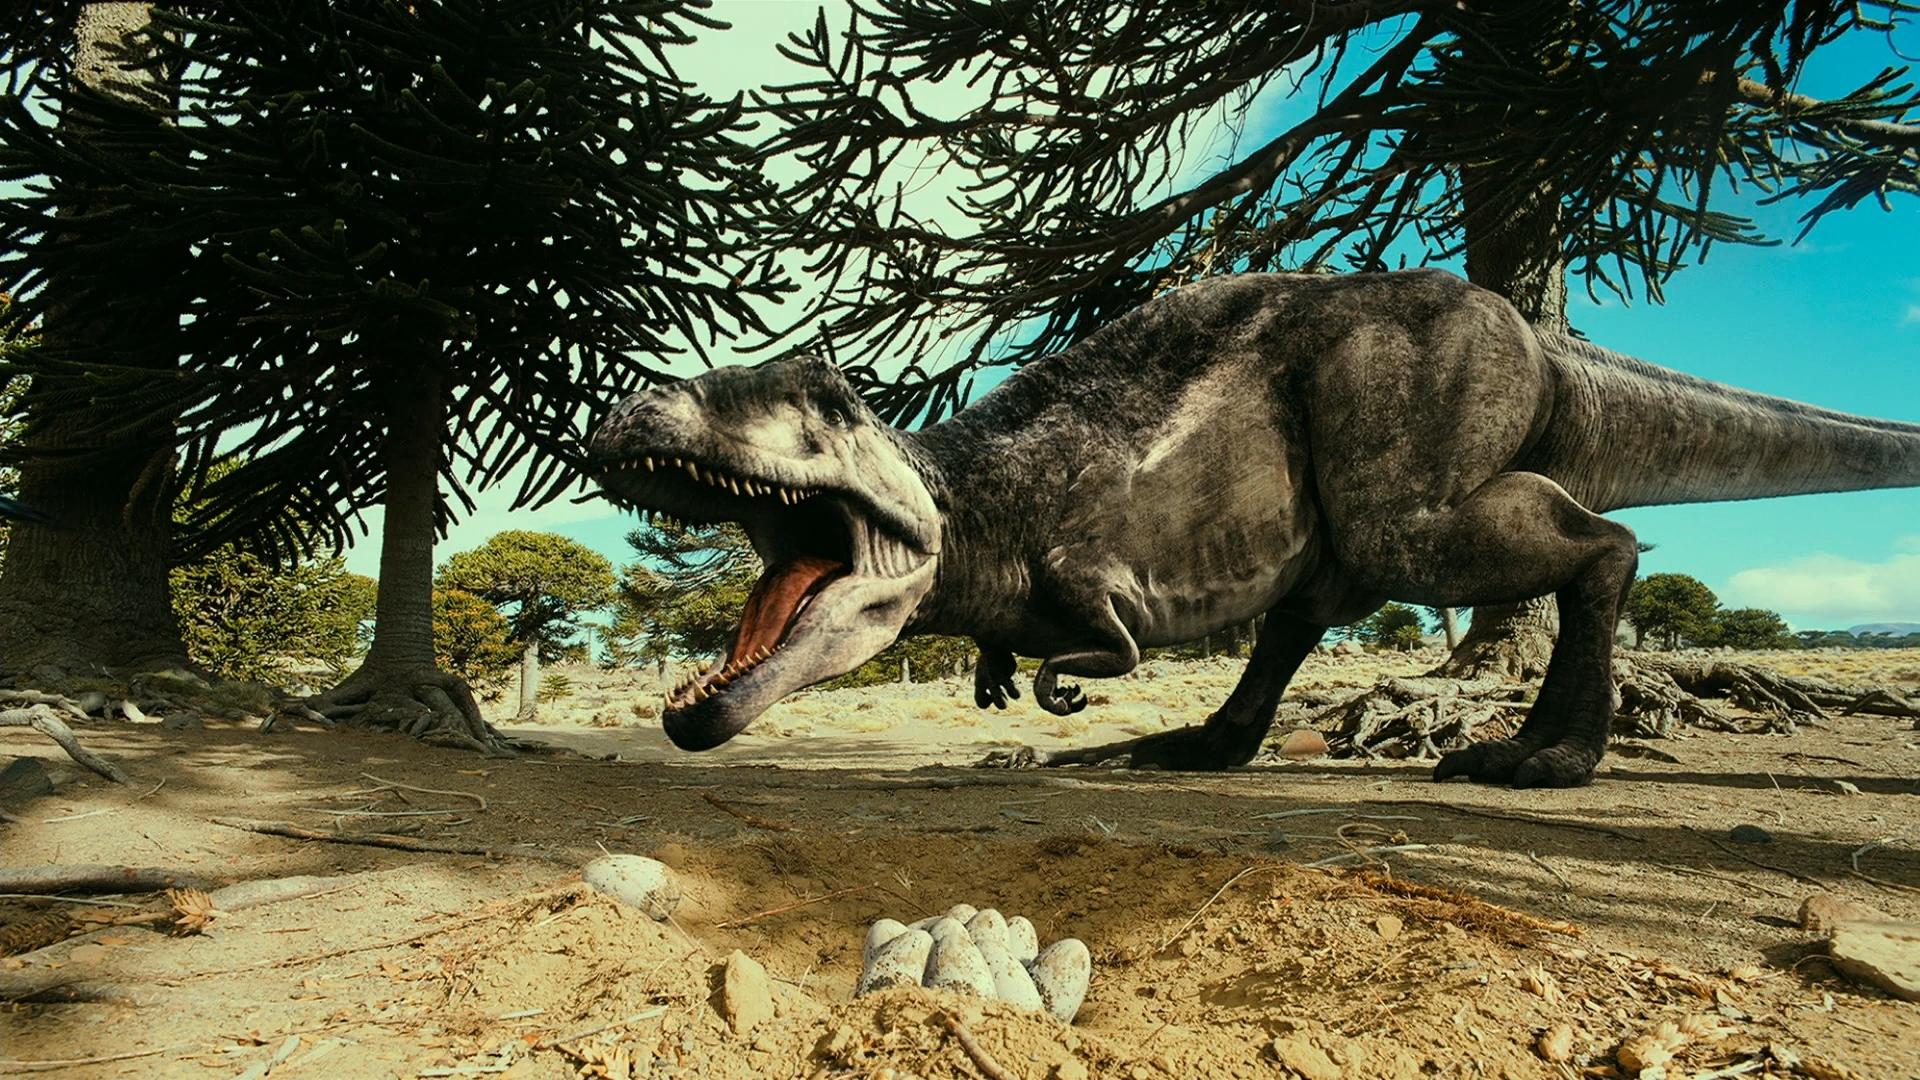 Free Dinosaur Wallpaper